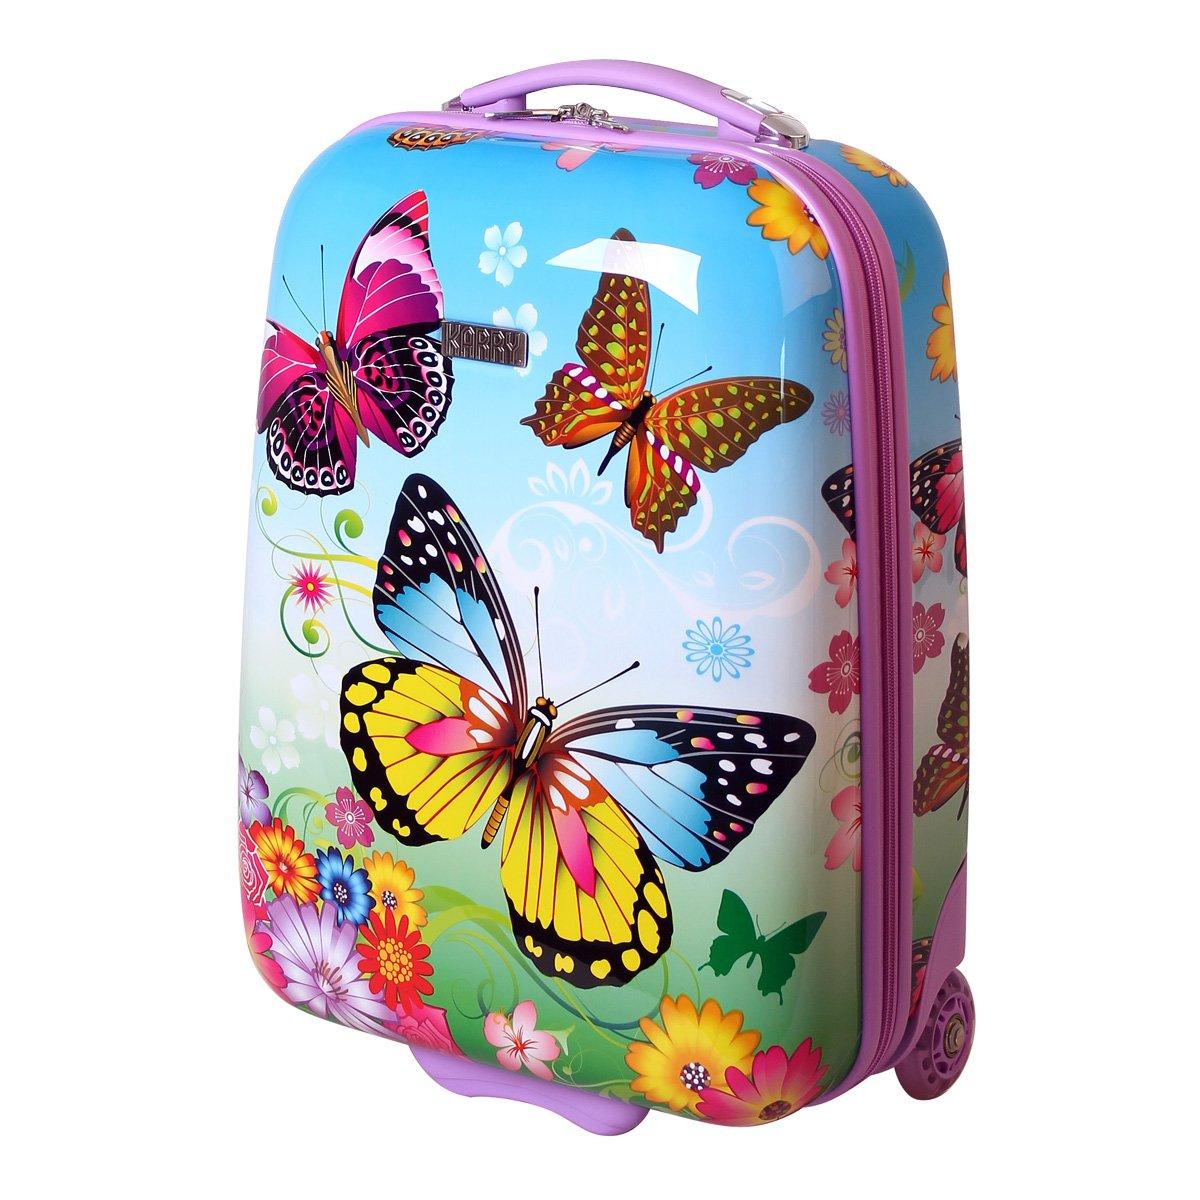 Karry Kinder Koffer Reisekoffer Trolley Hartschalen Handgepäck Mädchen LED Skater Rollen Schmetterling Butterfly 819